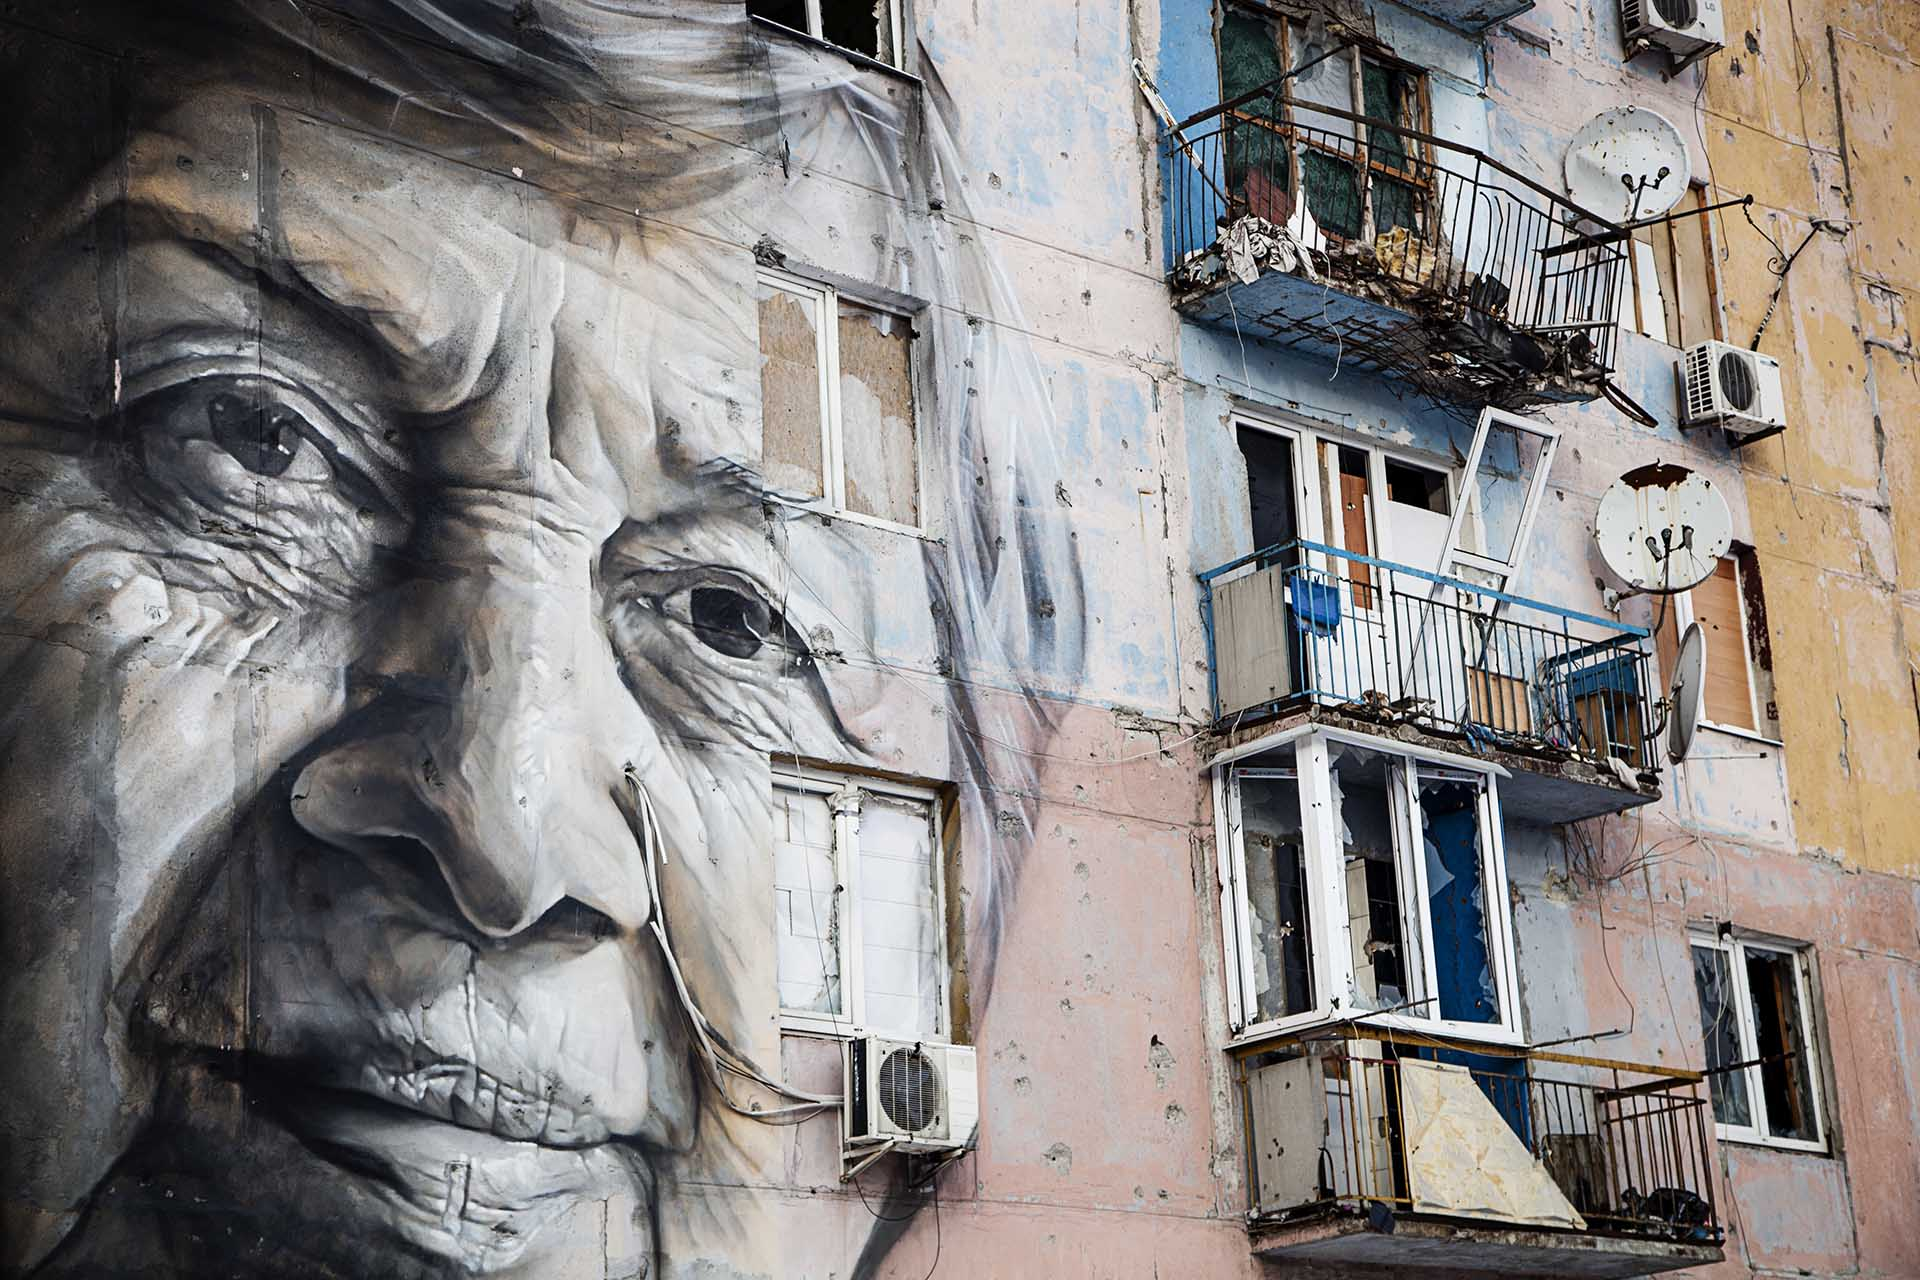 Un edificio alcanzado en varias ocasiones por artillería y fuego cruzado, con un mural en memoria de una profesora asesinada.